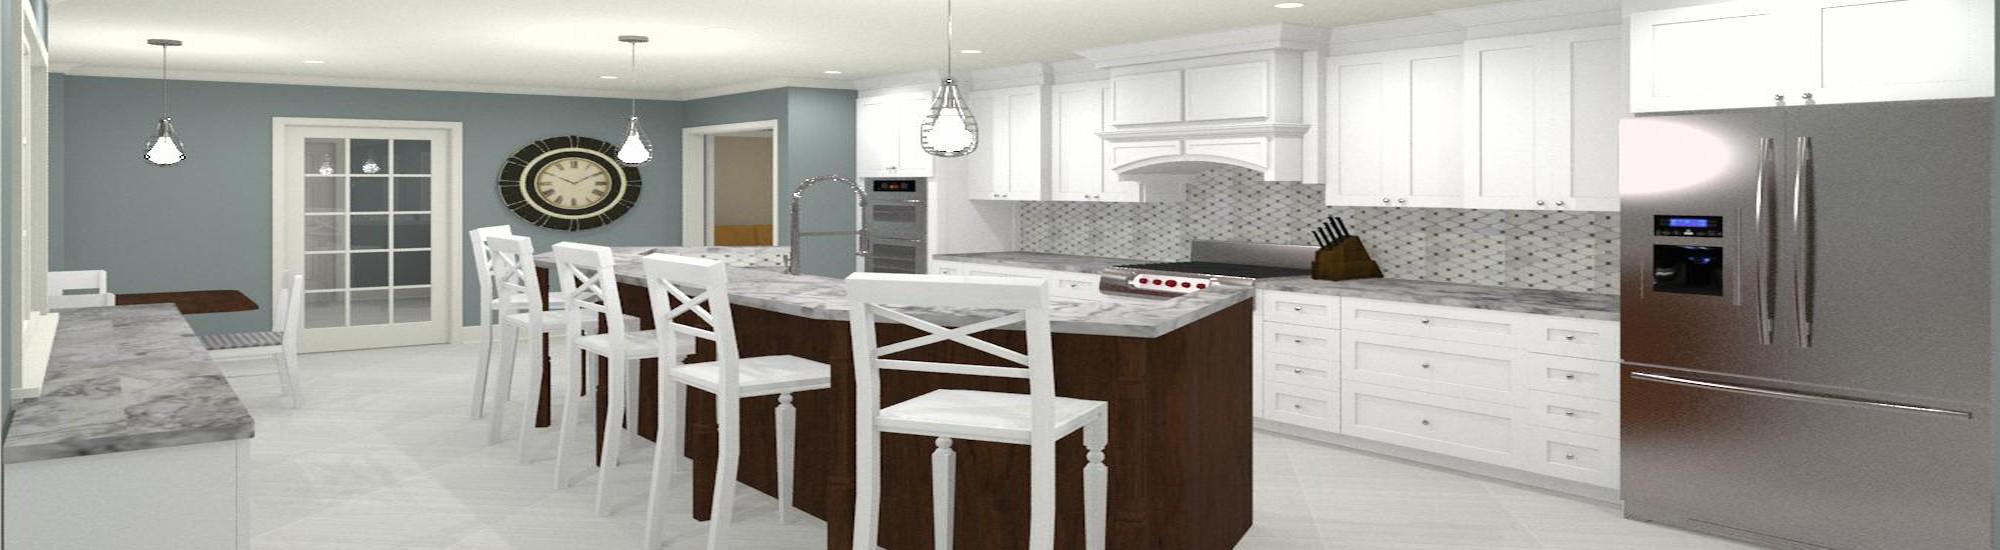 Design Build Pros Kitchen (2)